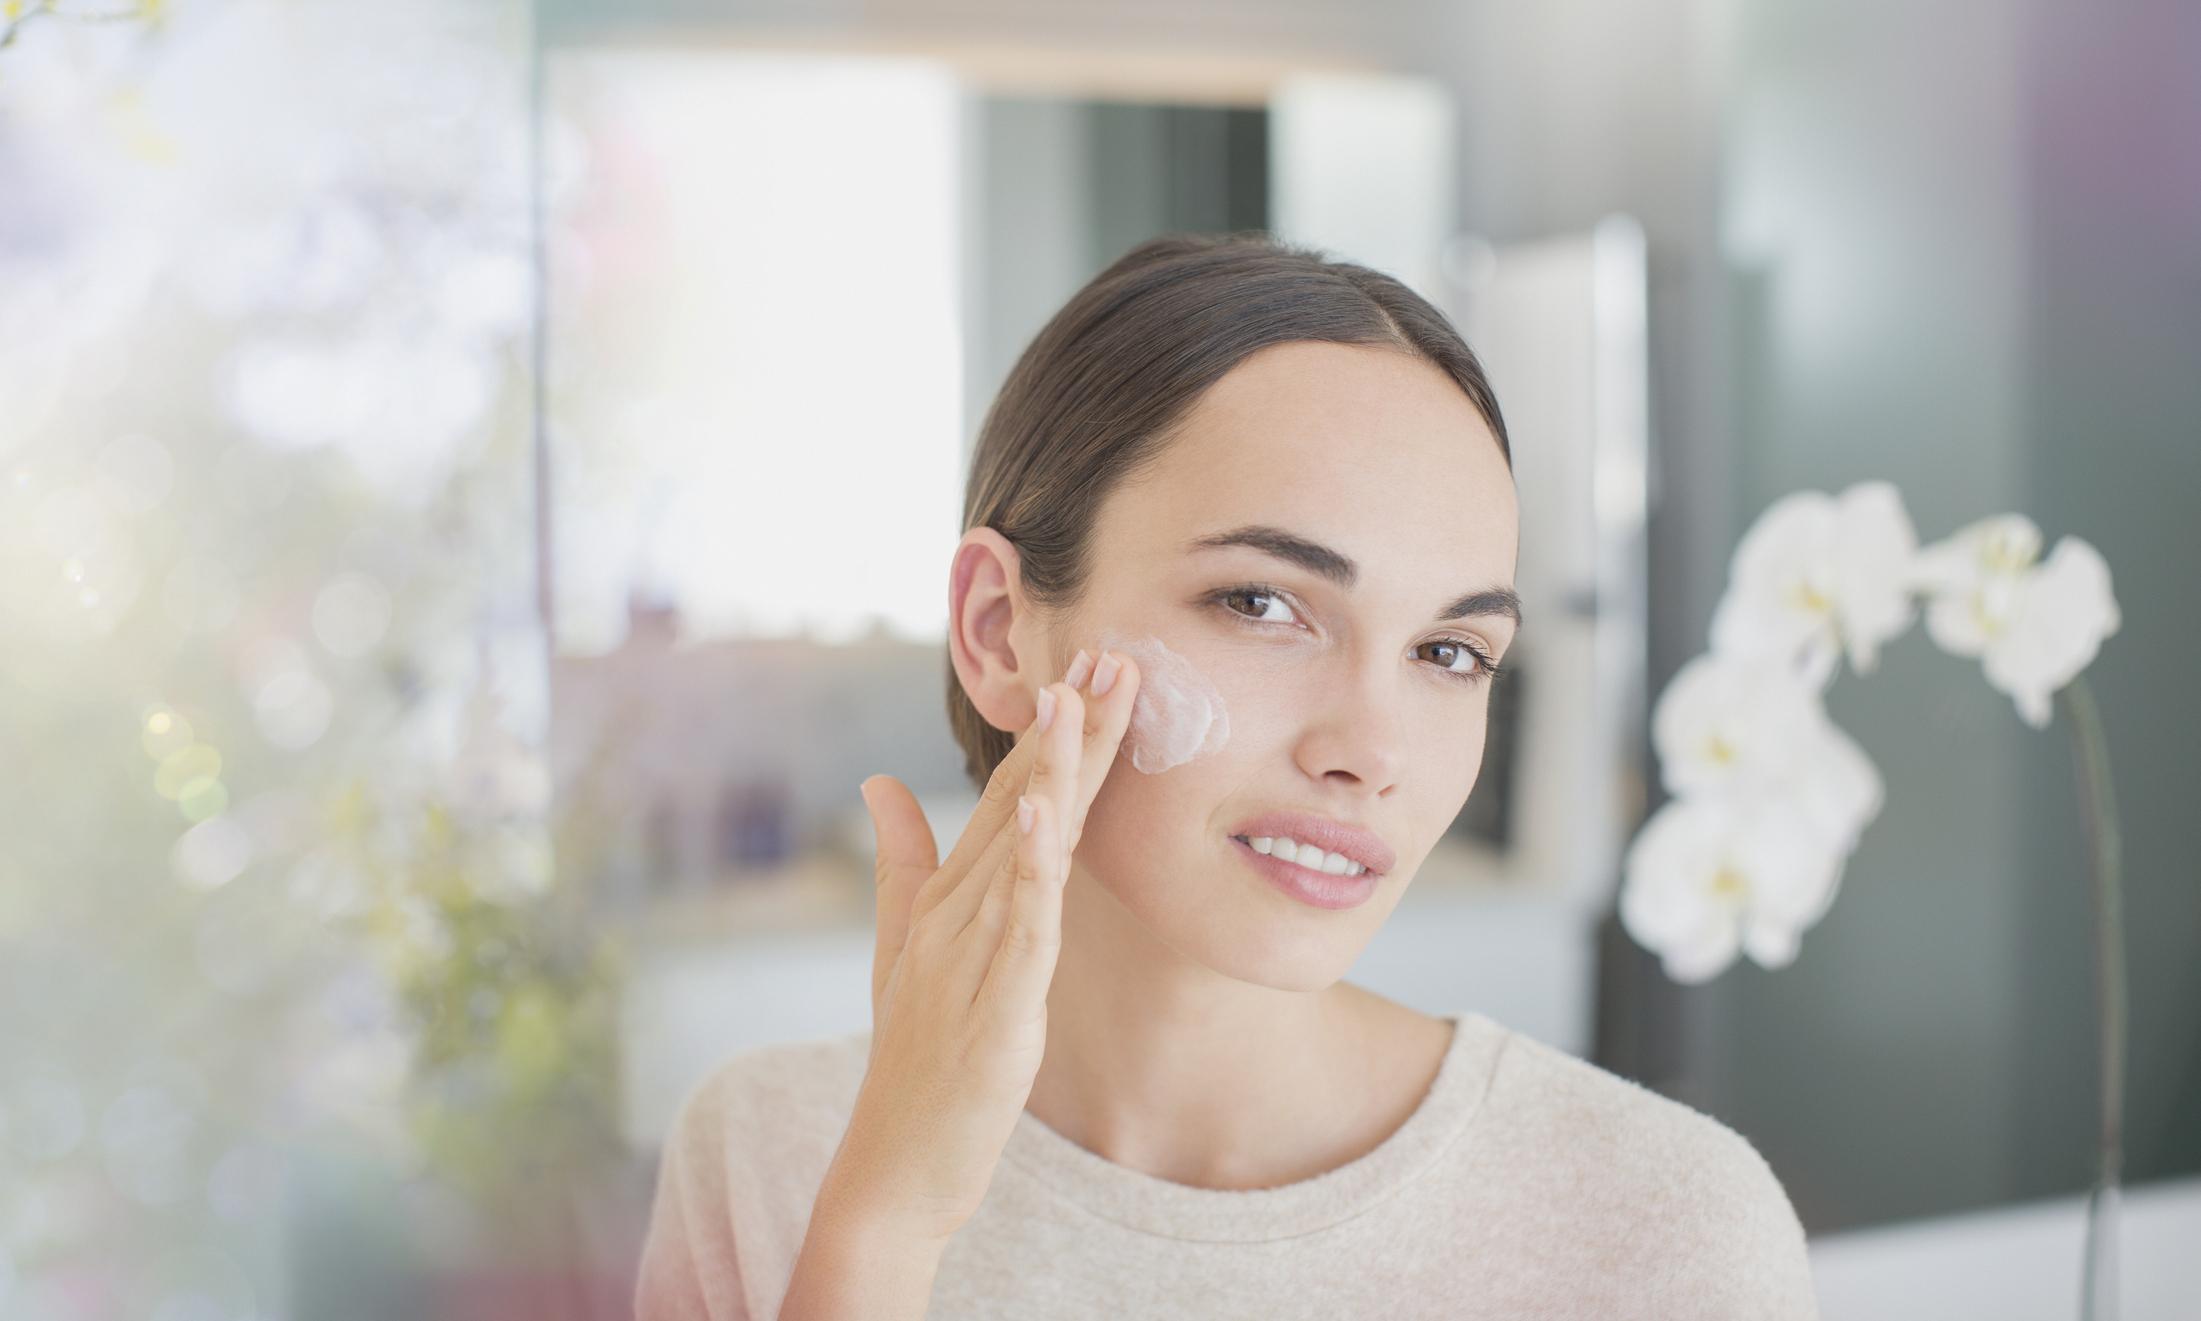 Аптечные средства для красоты: глина, пантенол, бадяга, салициловая кислота